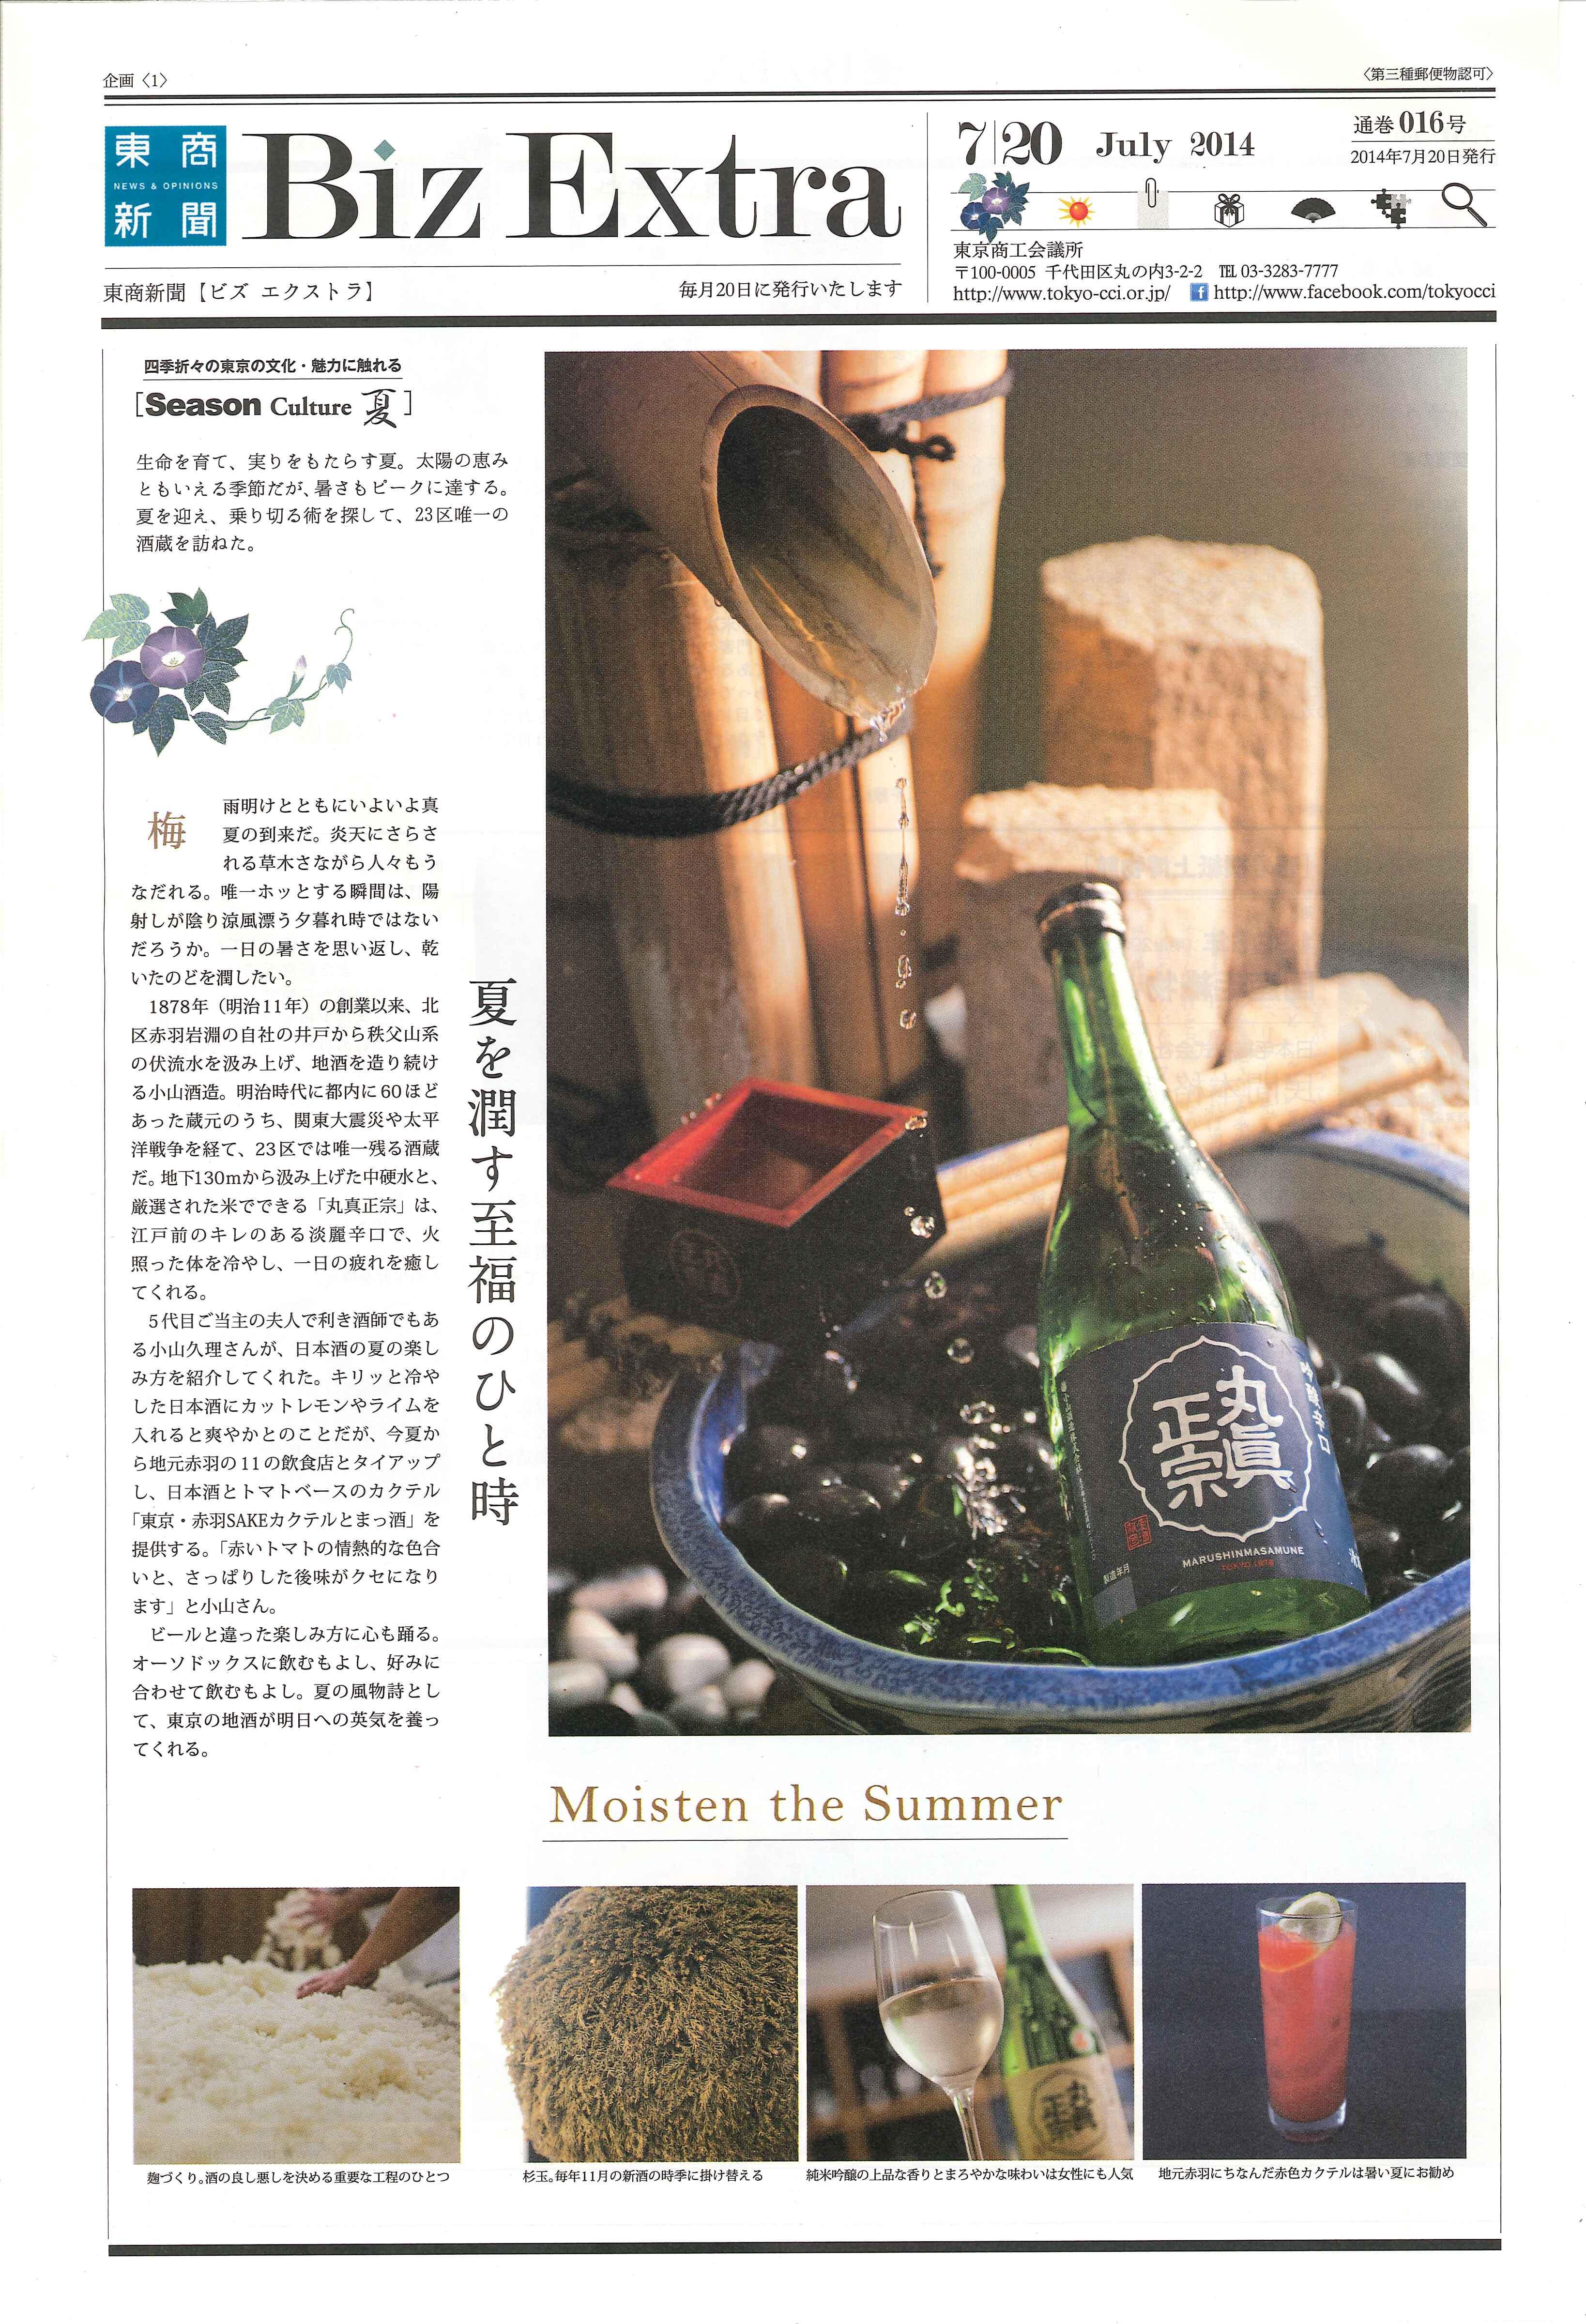 「東商新聞 Biz Extra」 July 2014 通巻016号